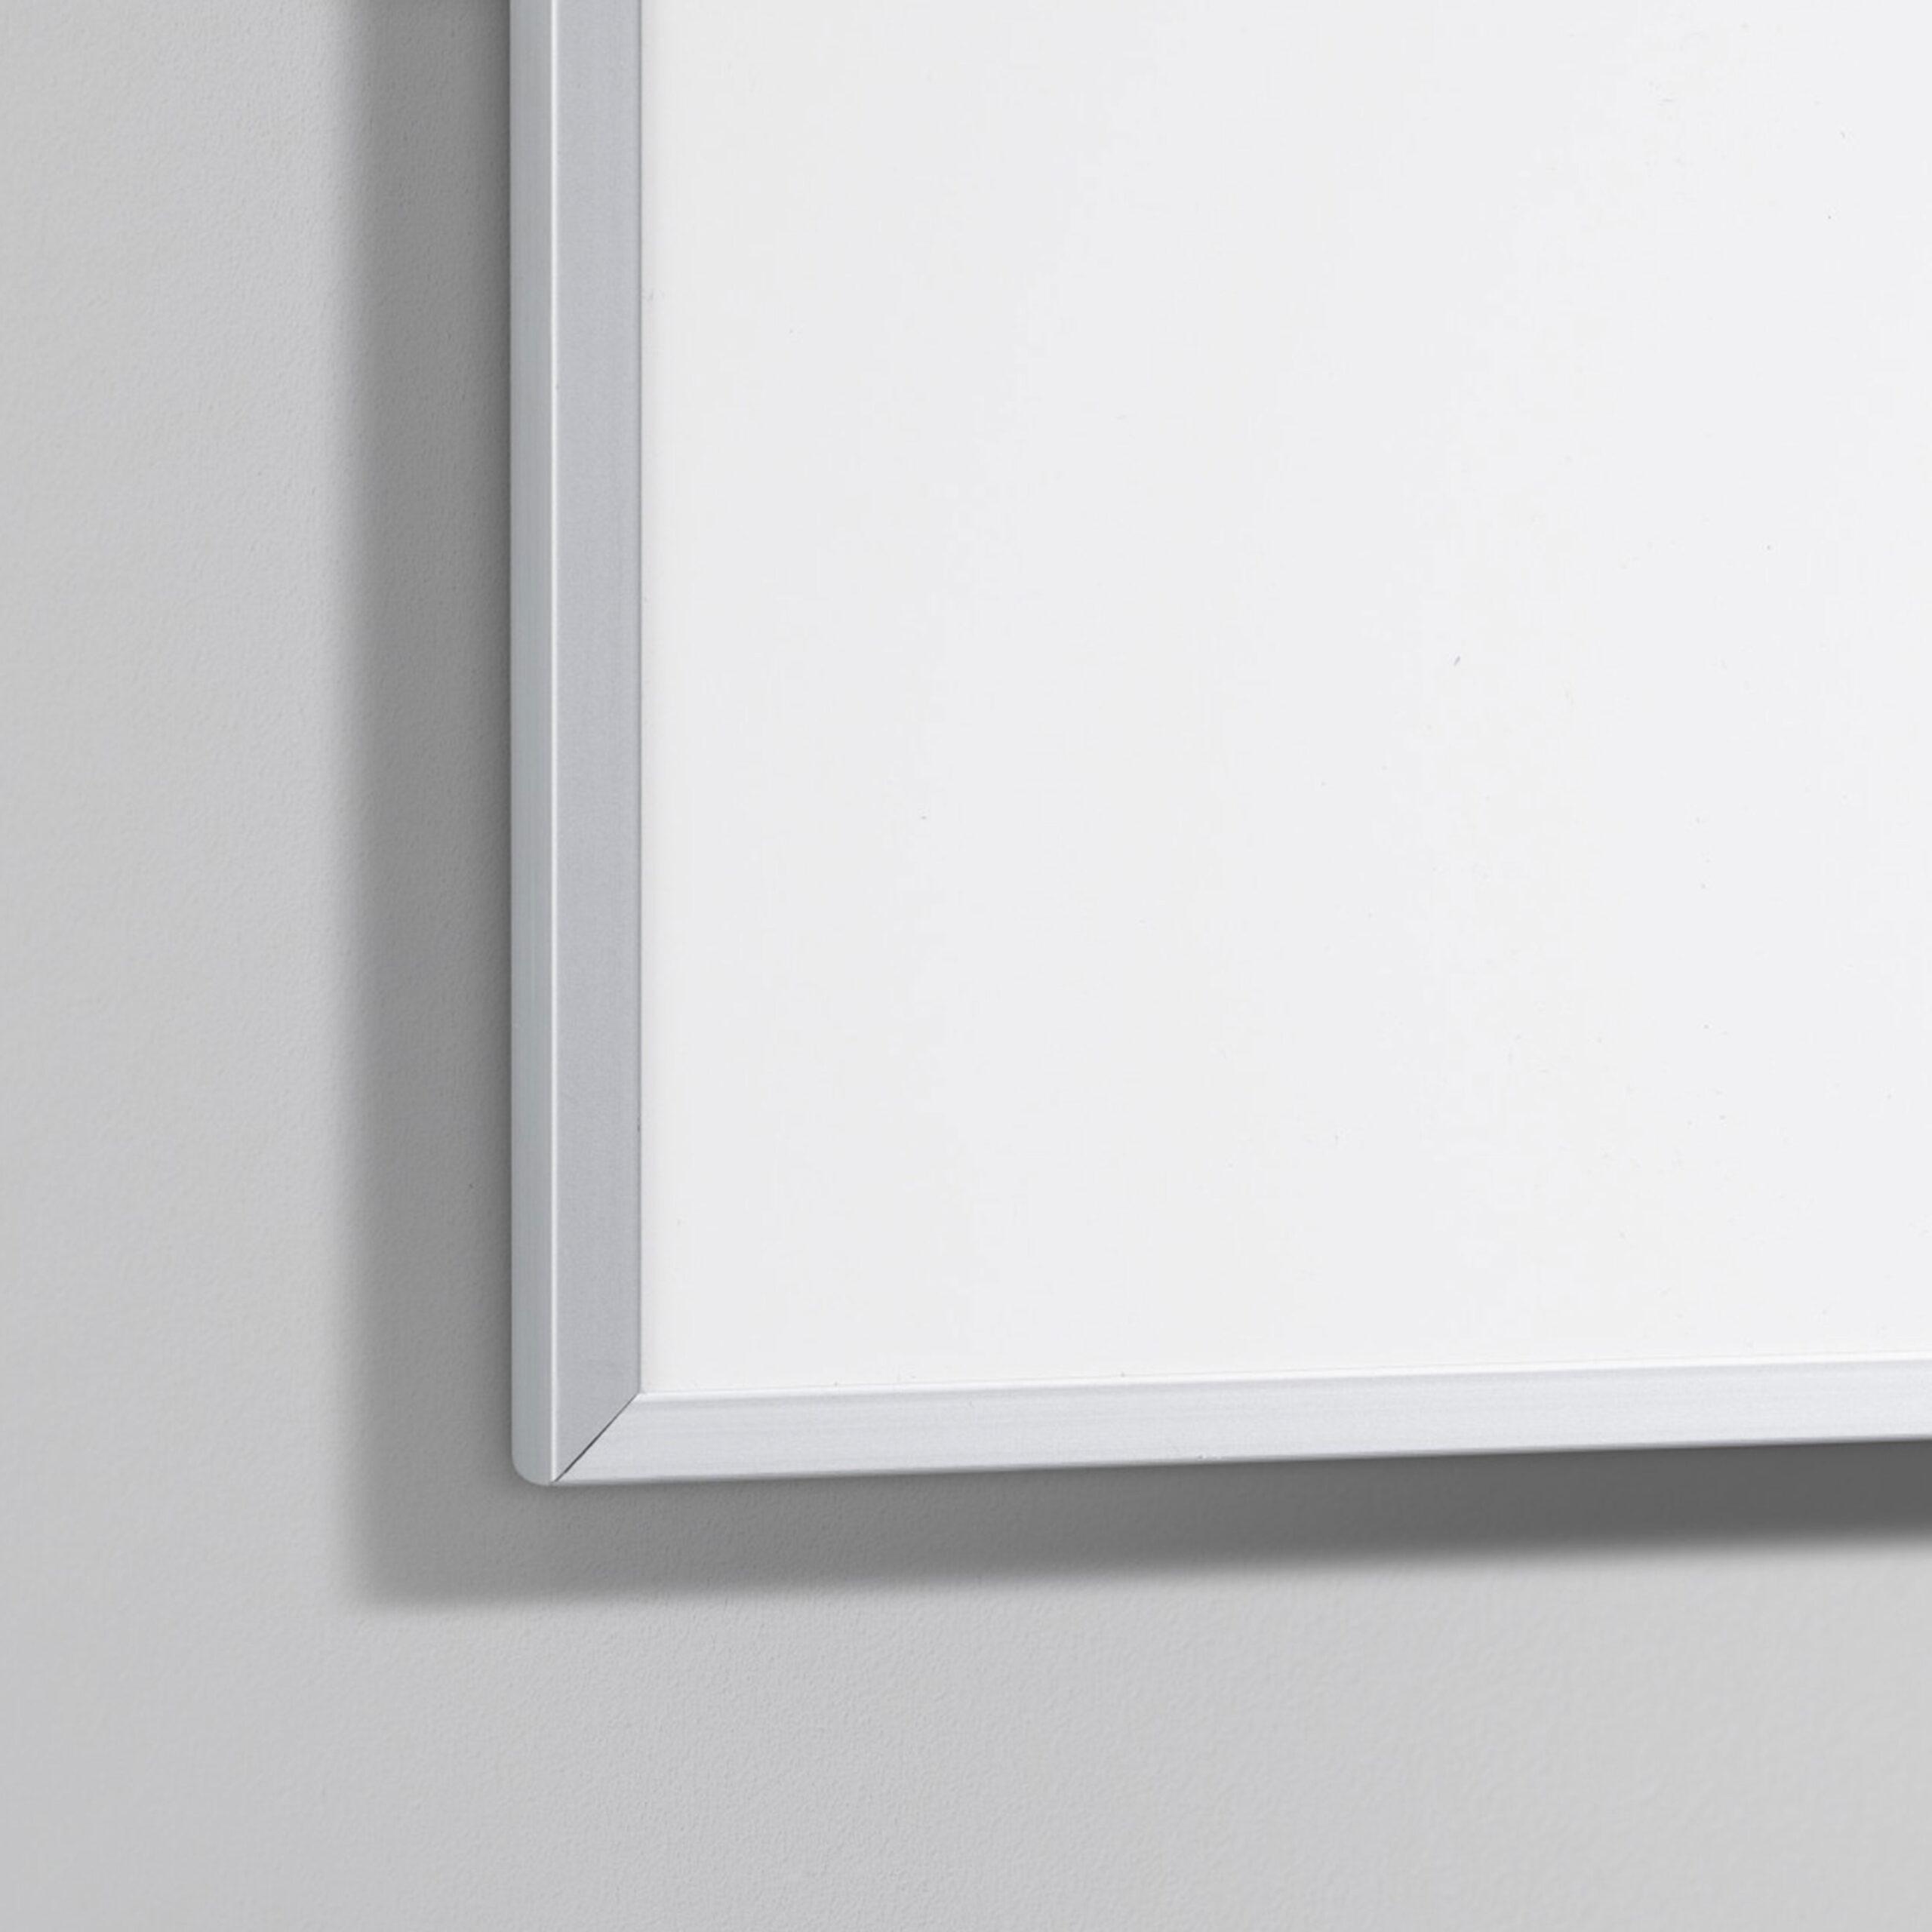 BoarderSharp-whiteboard_02